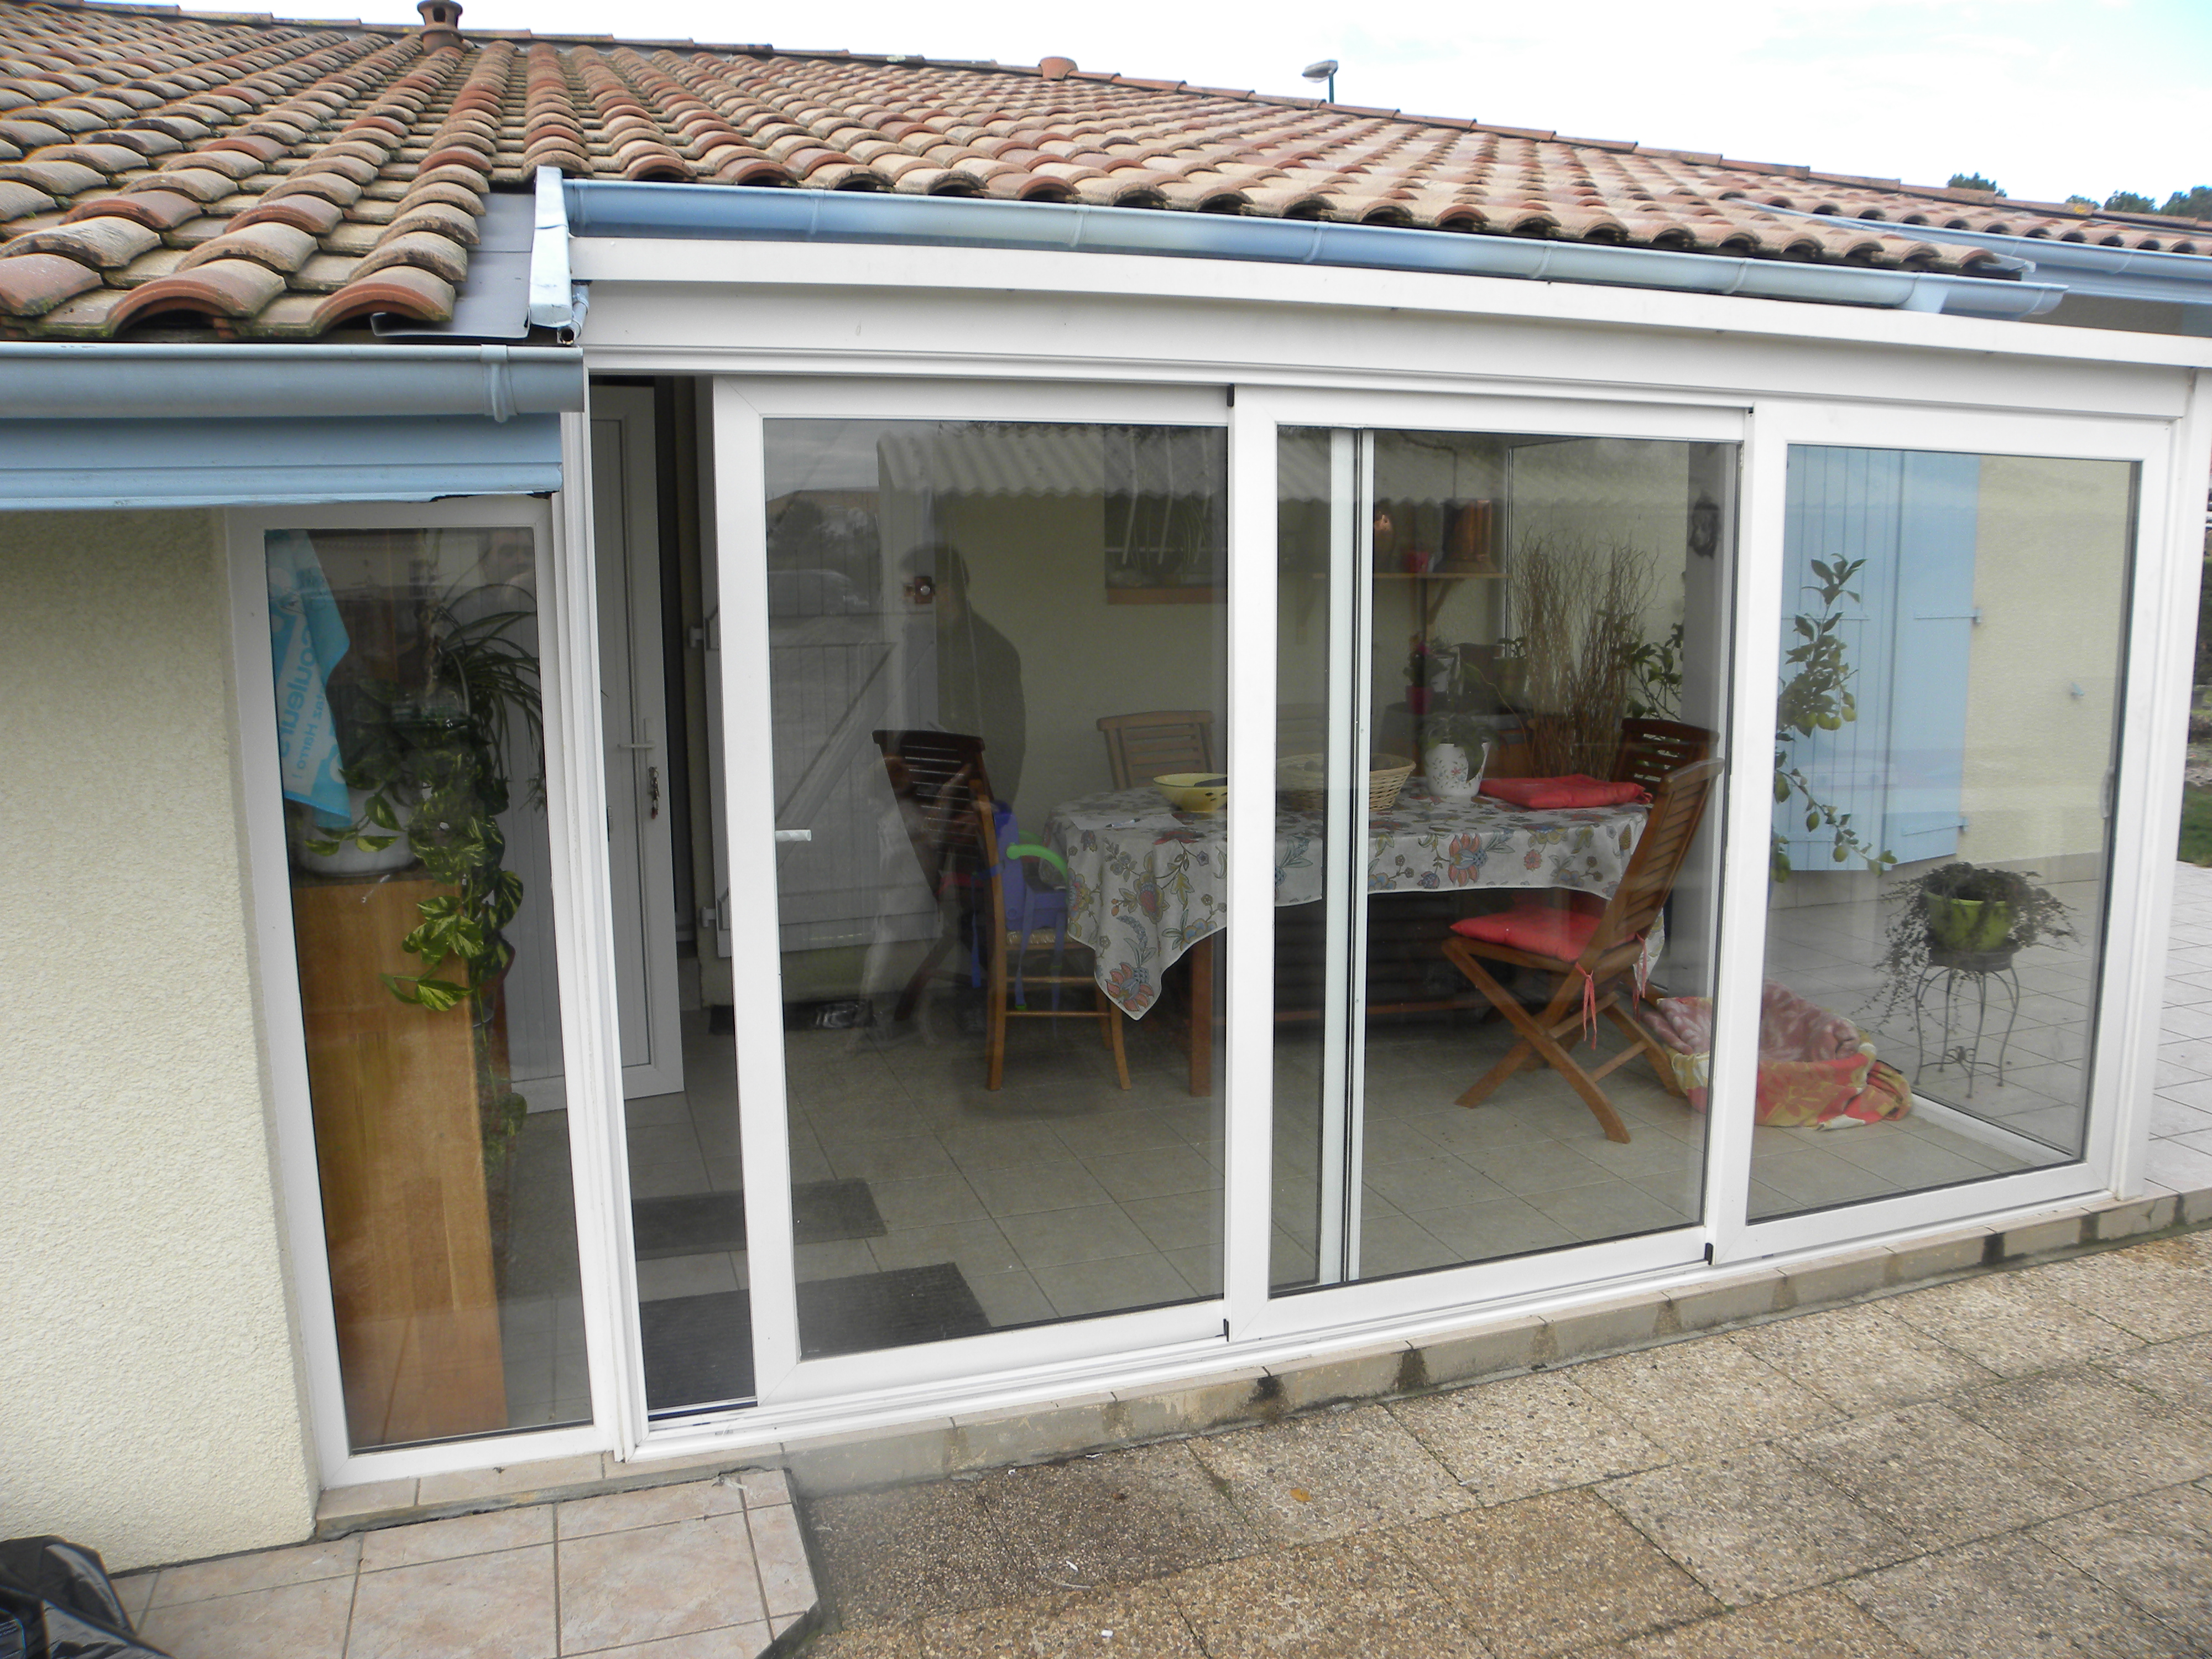 100 fenetre coulissante pour veranda fermeture v randa loire atlantiqu - Fenetre coulissante pour veranda ...